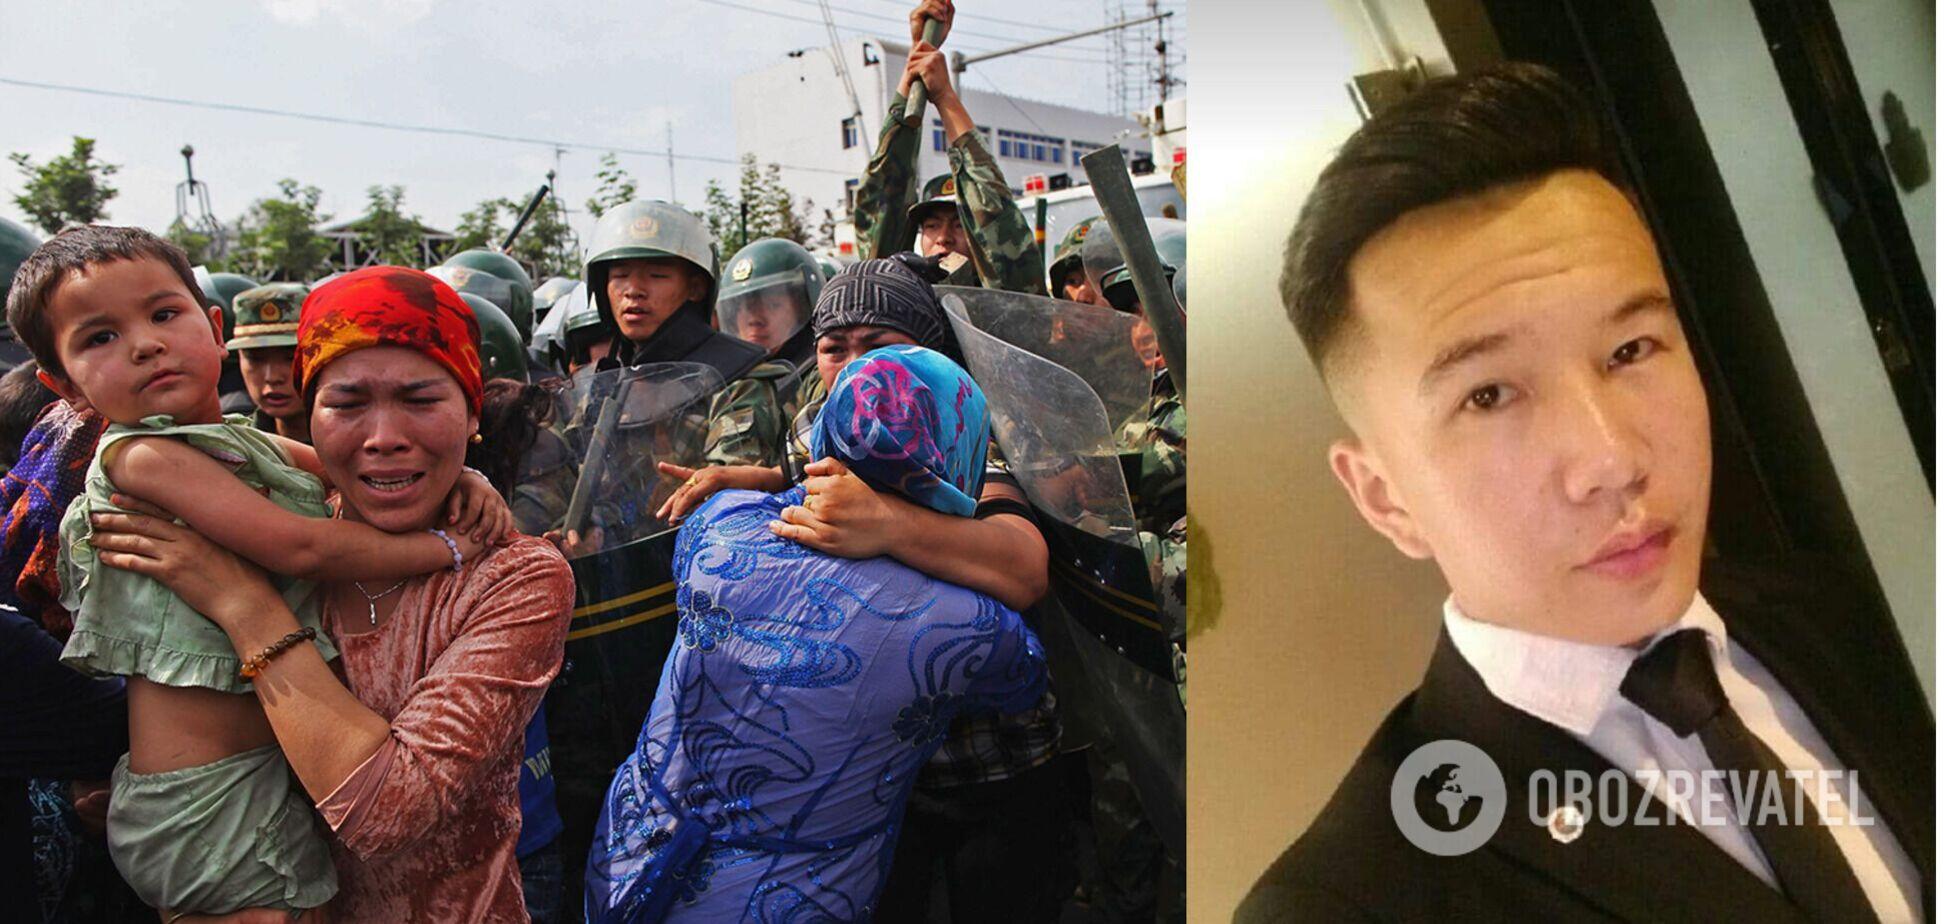 Хлопець виступав на захист уйгурів від 'комуністичного геноциду'